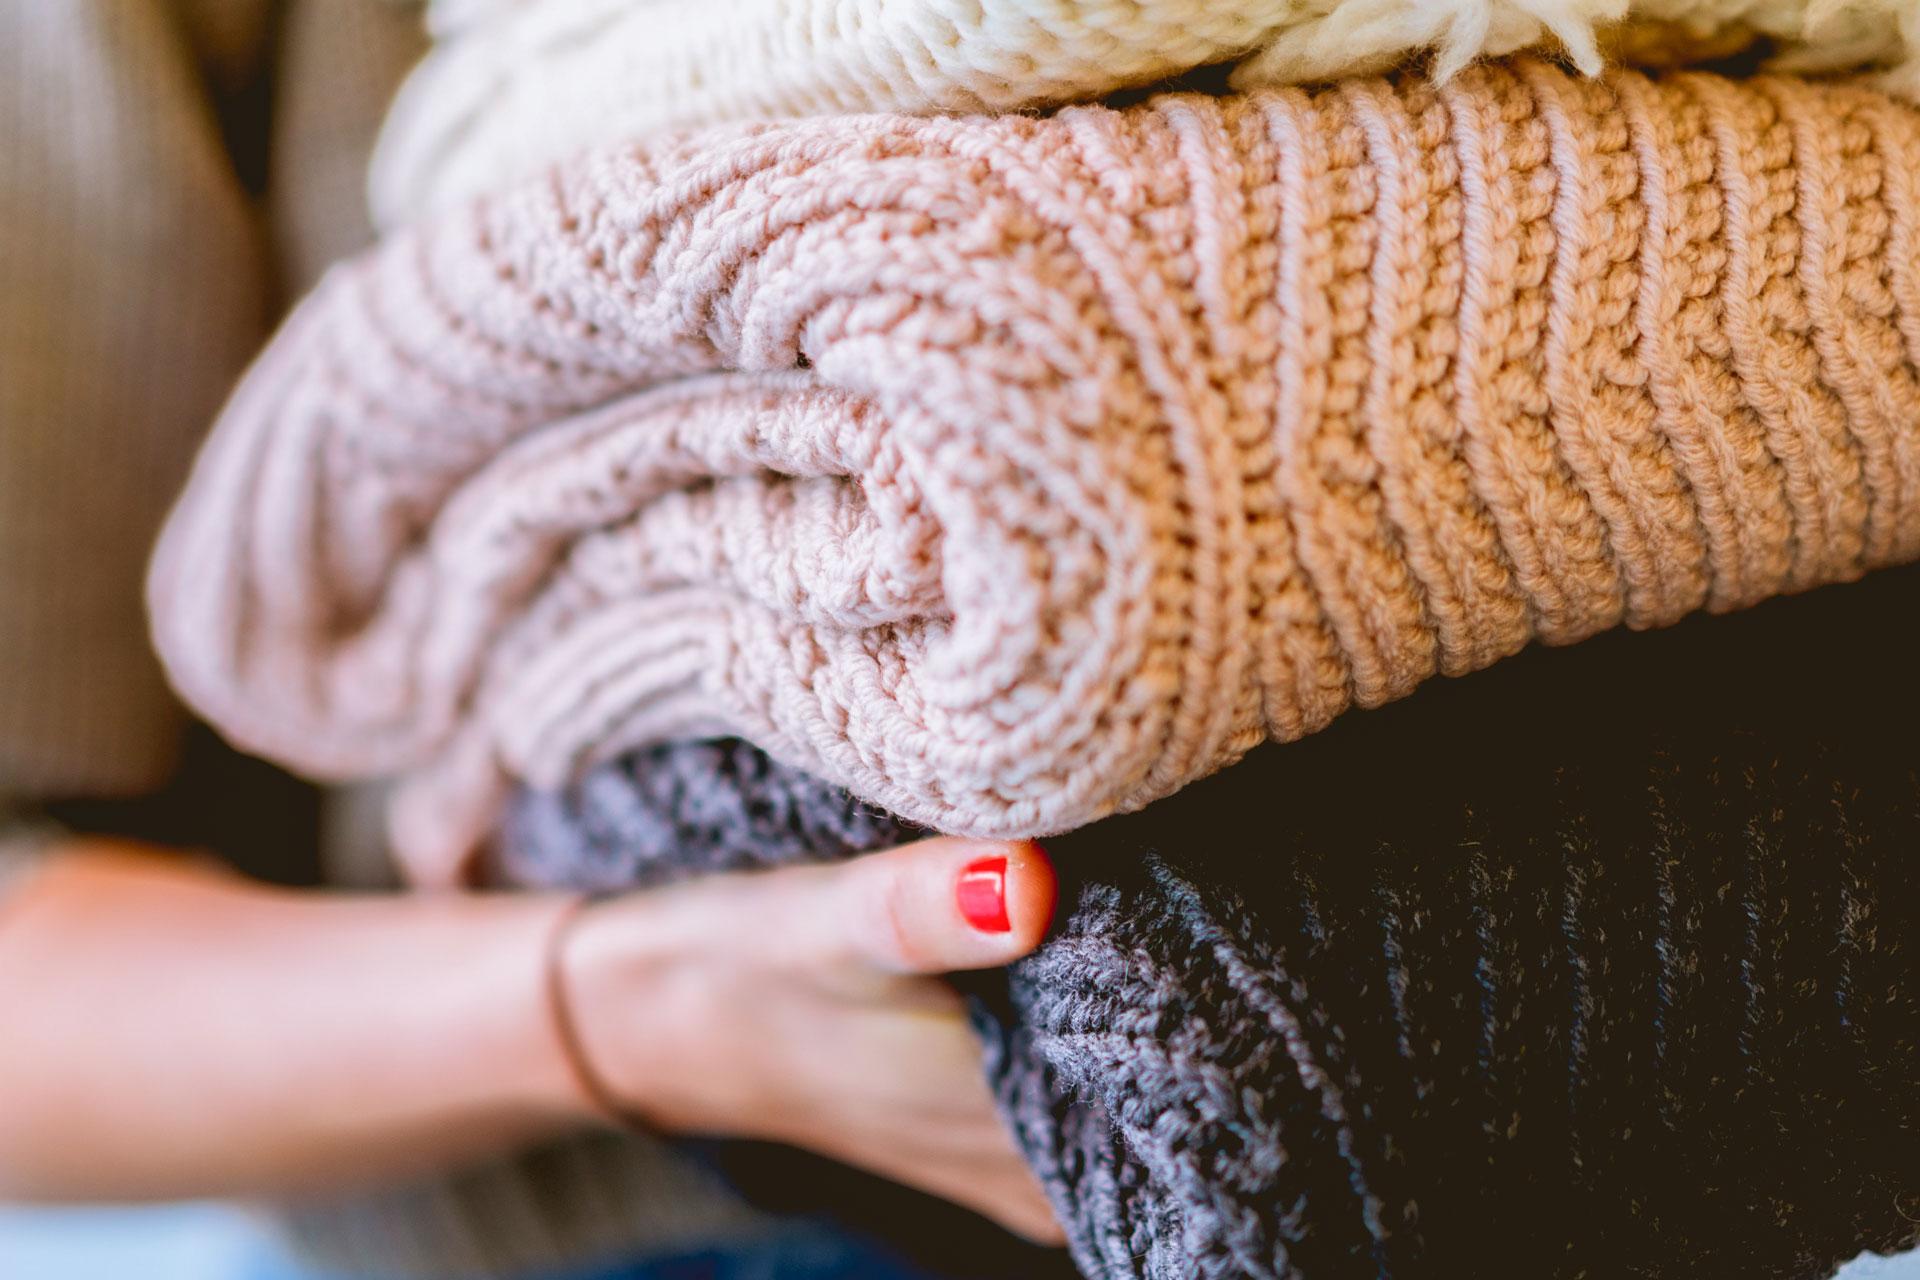 cum-se-dezinfecteaza-hainele